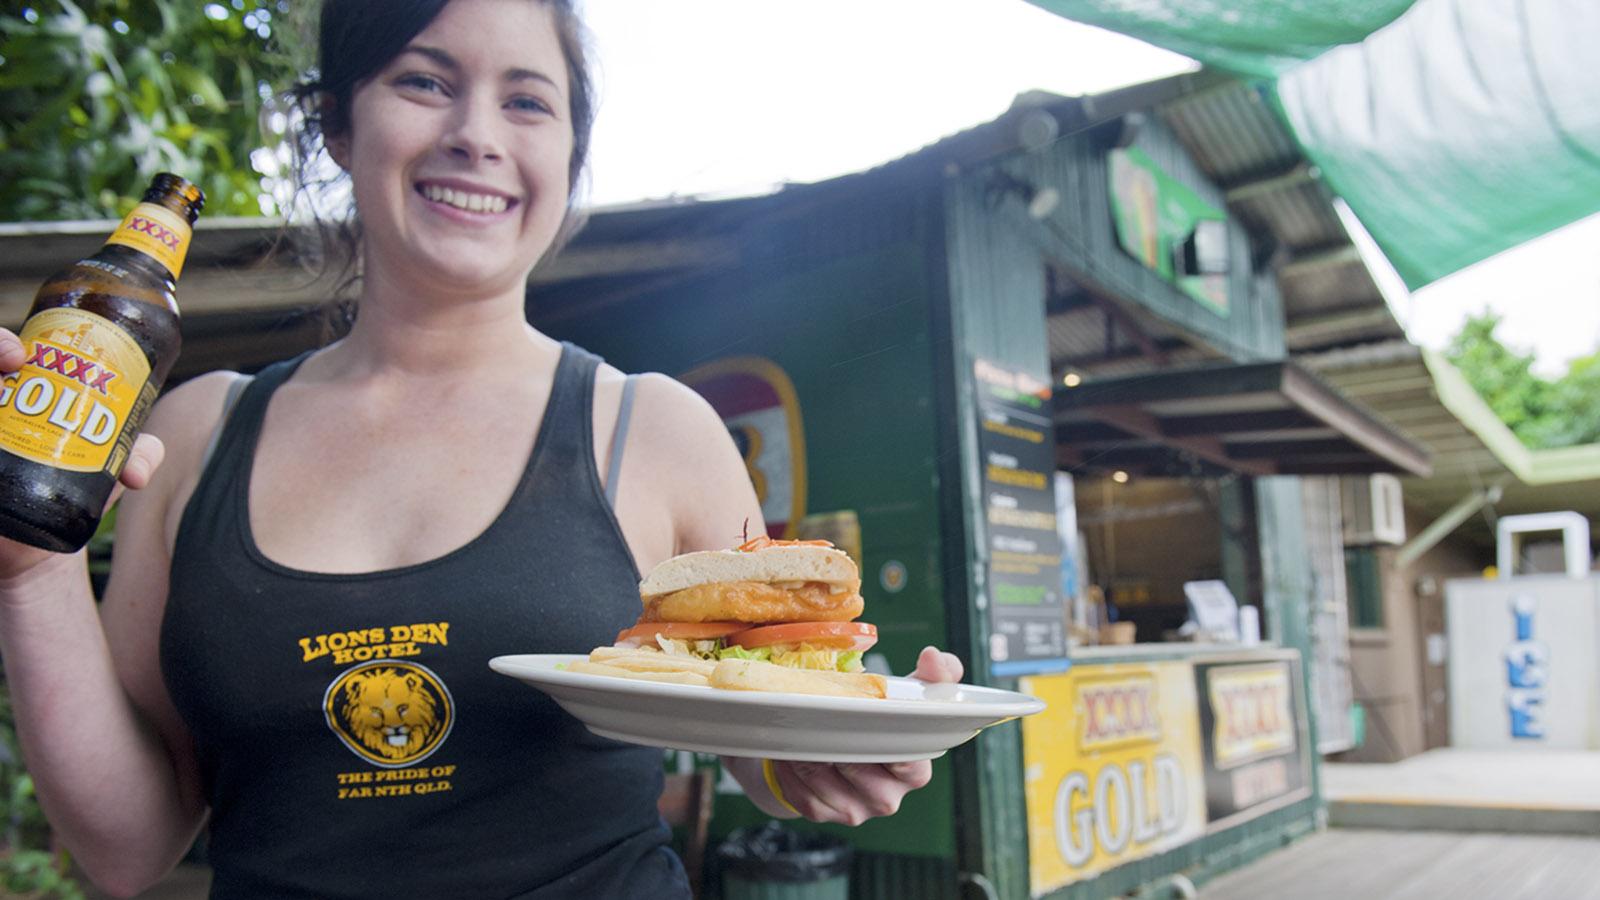 Aussie Pubs: Bier und Burger: das beliebteste Mahl im Lions Den Hotel. Foto: Hilke Maunder